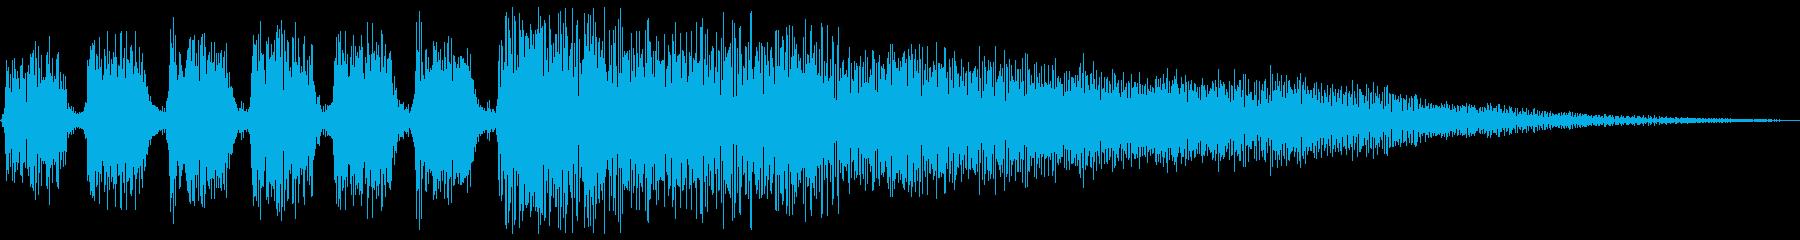 シンセ(ヒット系)ジングルの再生済みの波形